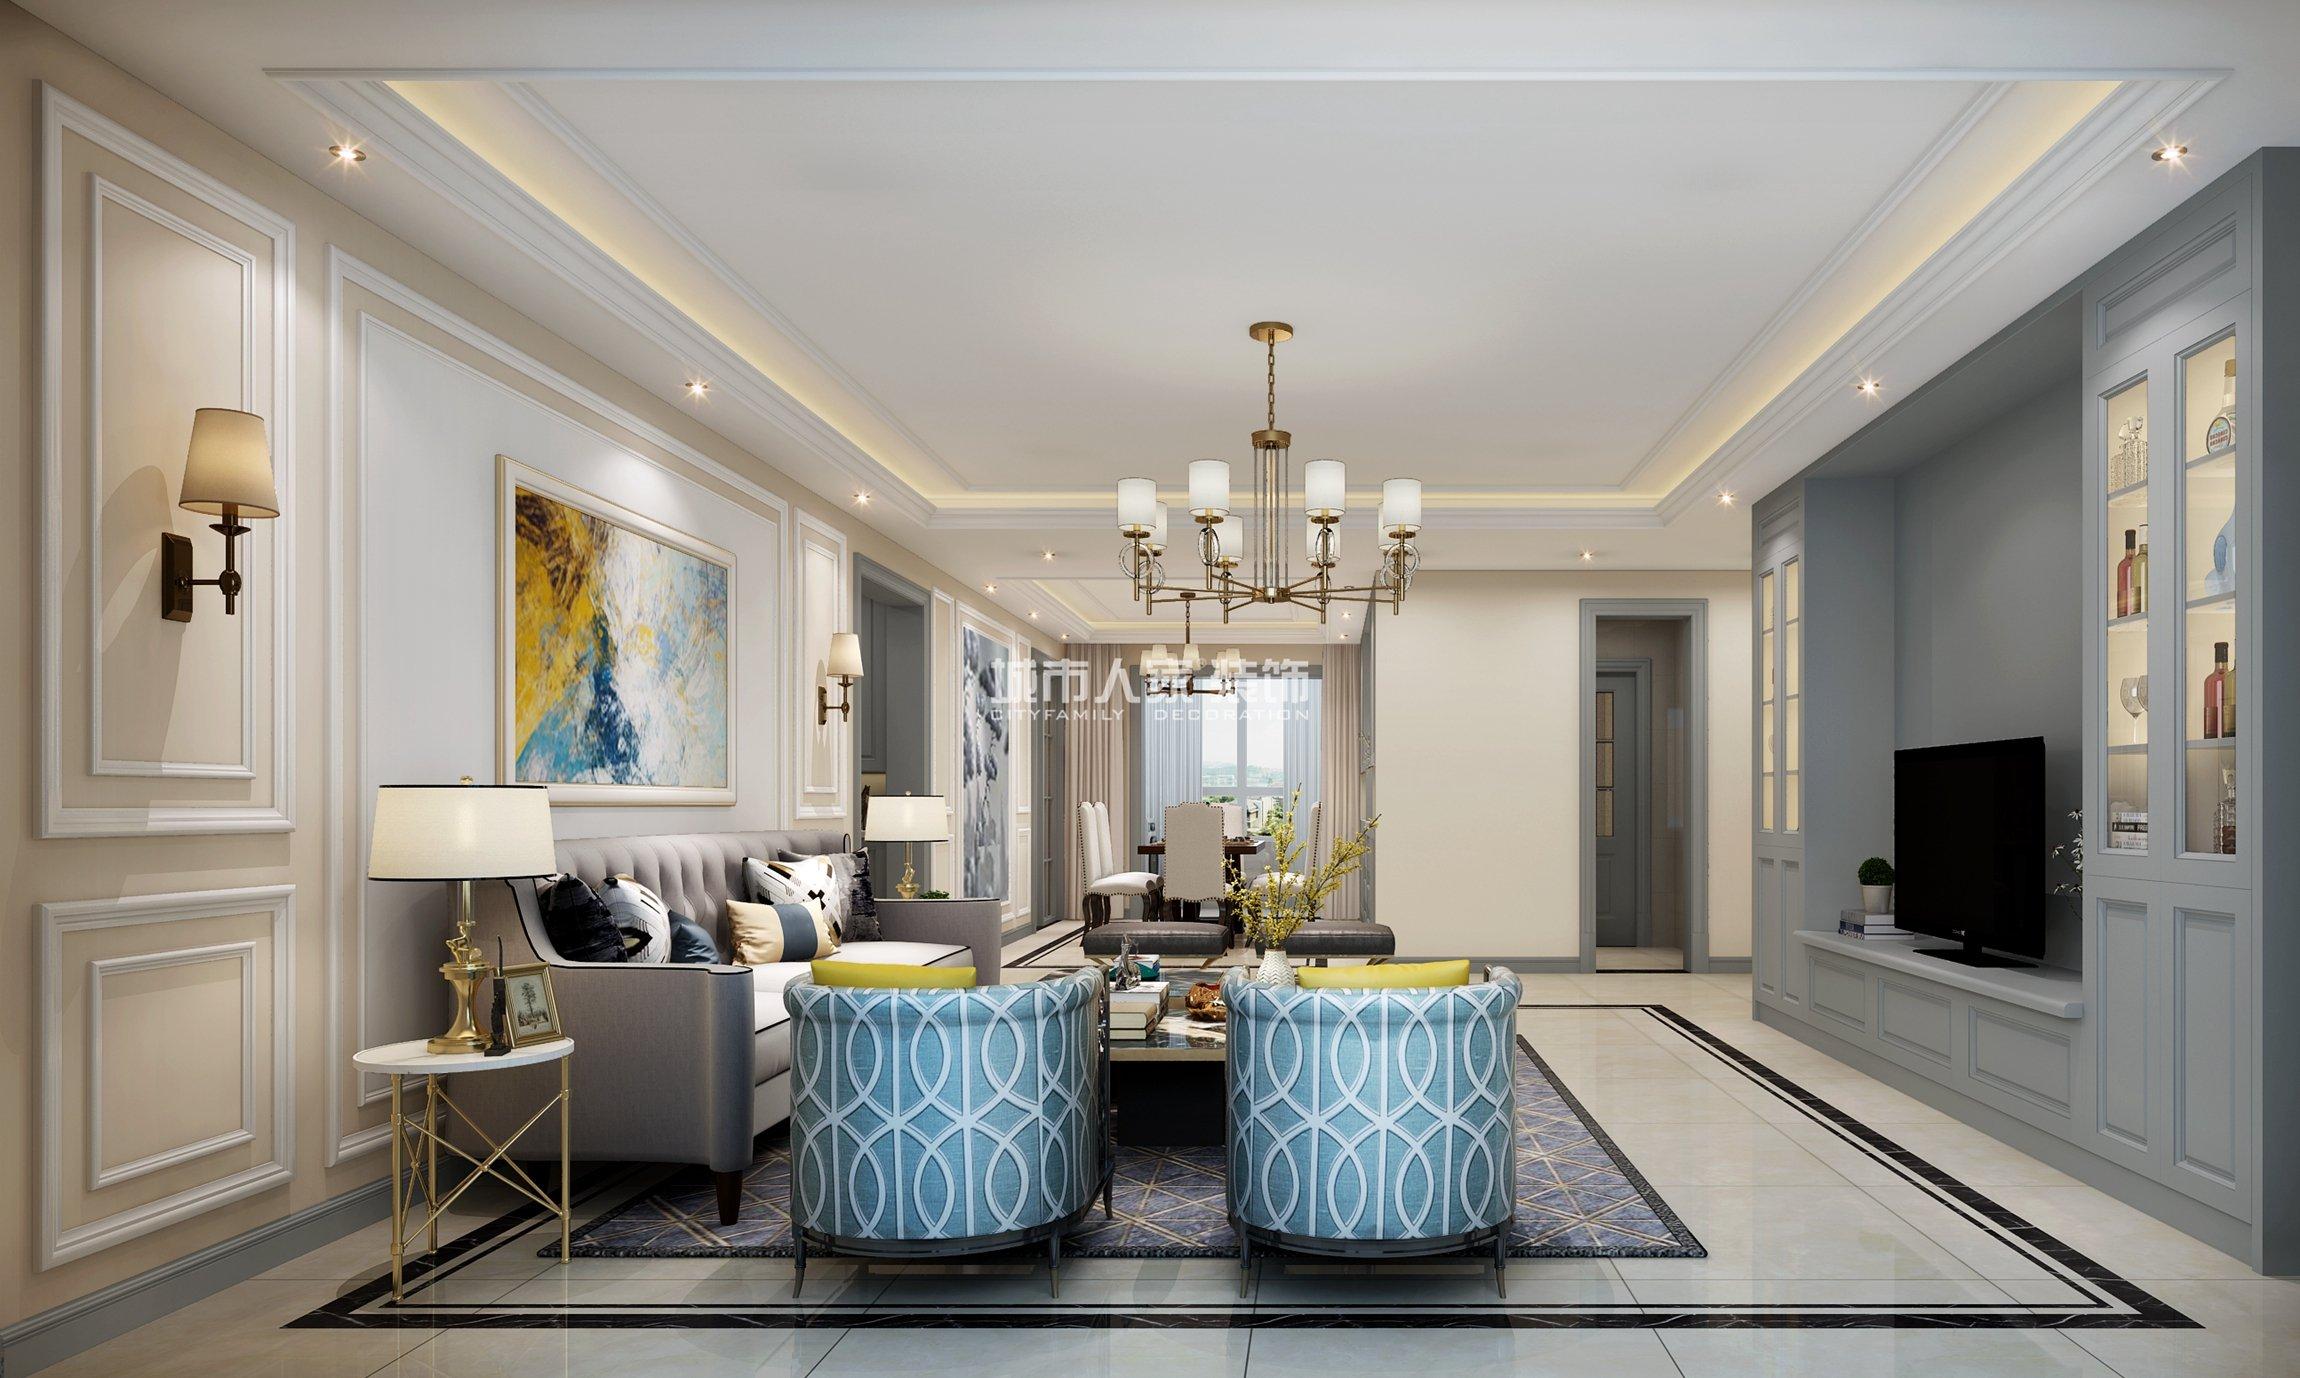 沙发背景墙做了美式线条造型,搭配抽象艺术画,简洁明晰又不失优雅.